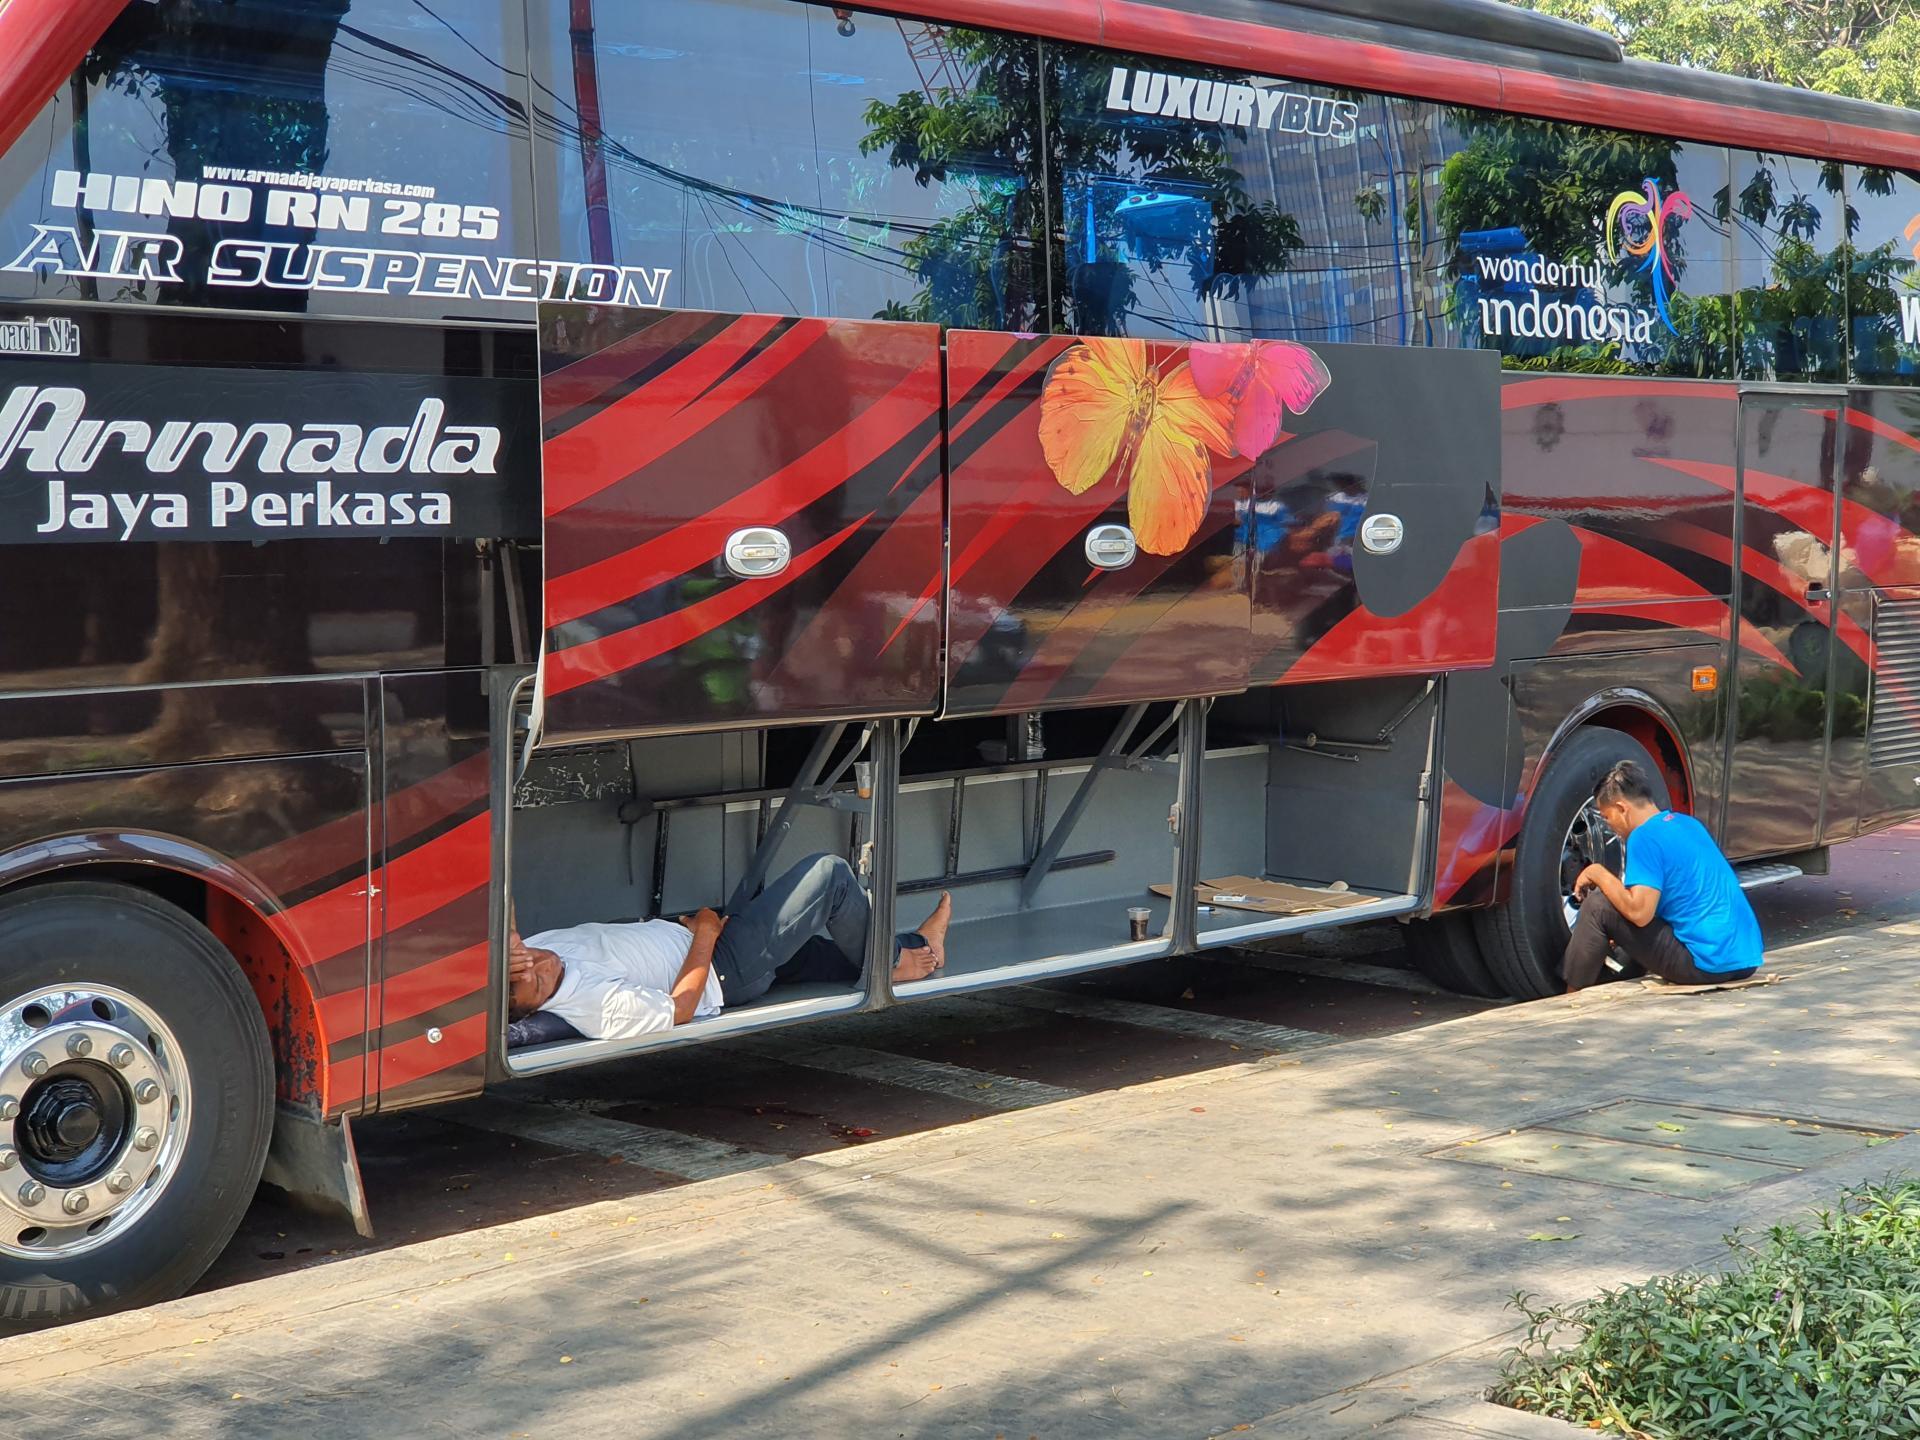 водитель автобуса спит в багажном отделении